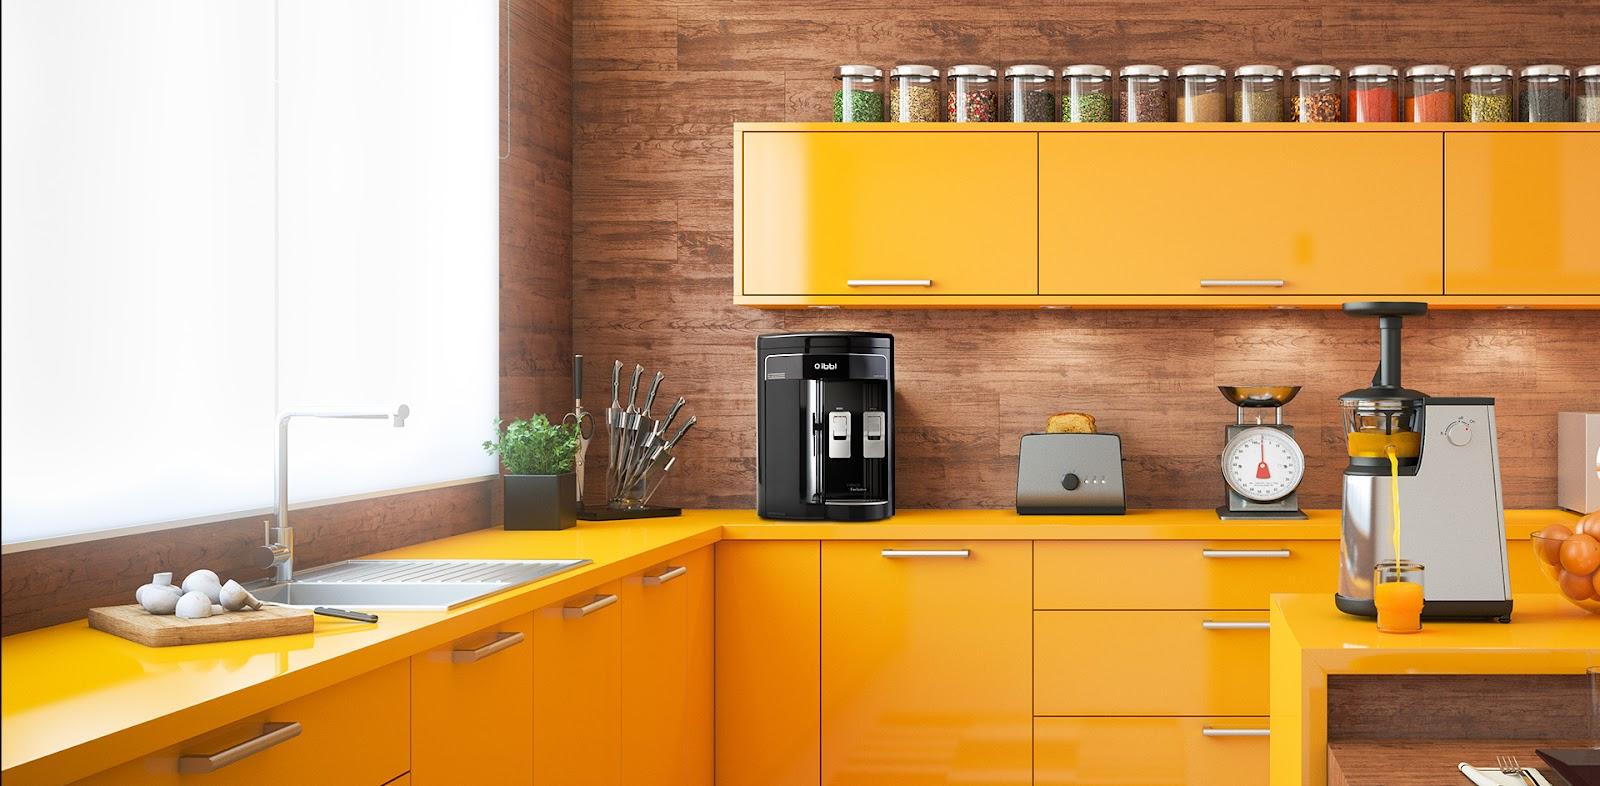 imagem com vista ampla de uma cozinha com móveis laranjas. Em cima de uma bancada, vemos facas, um filtro, uma torradeira e uma balança. Na parede, armários com potes diversos colocados em cima dele. Também é possível identificar uma bancada central, com um juicer. Imagem para ilustrar a reforma de casas.